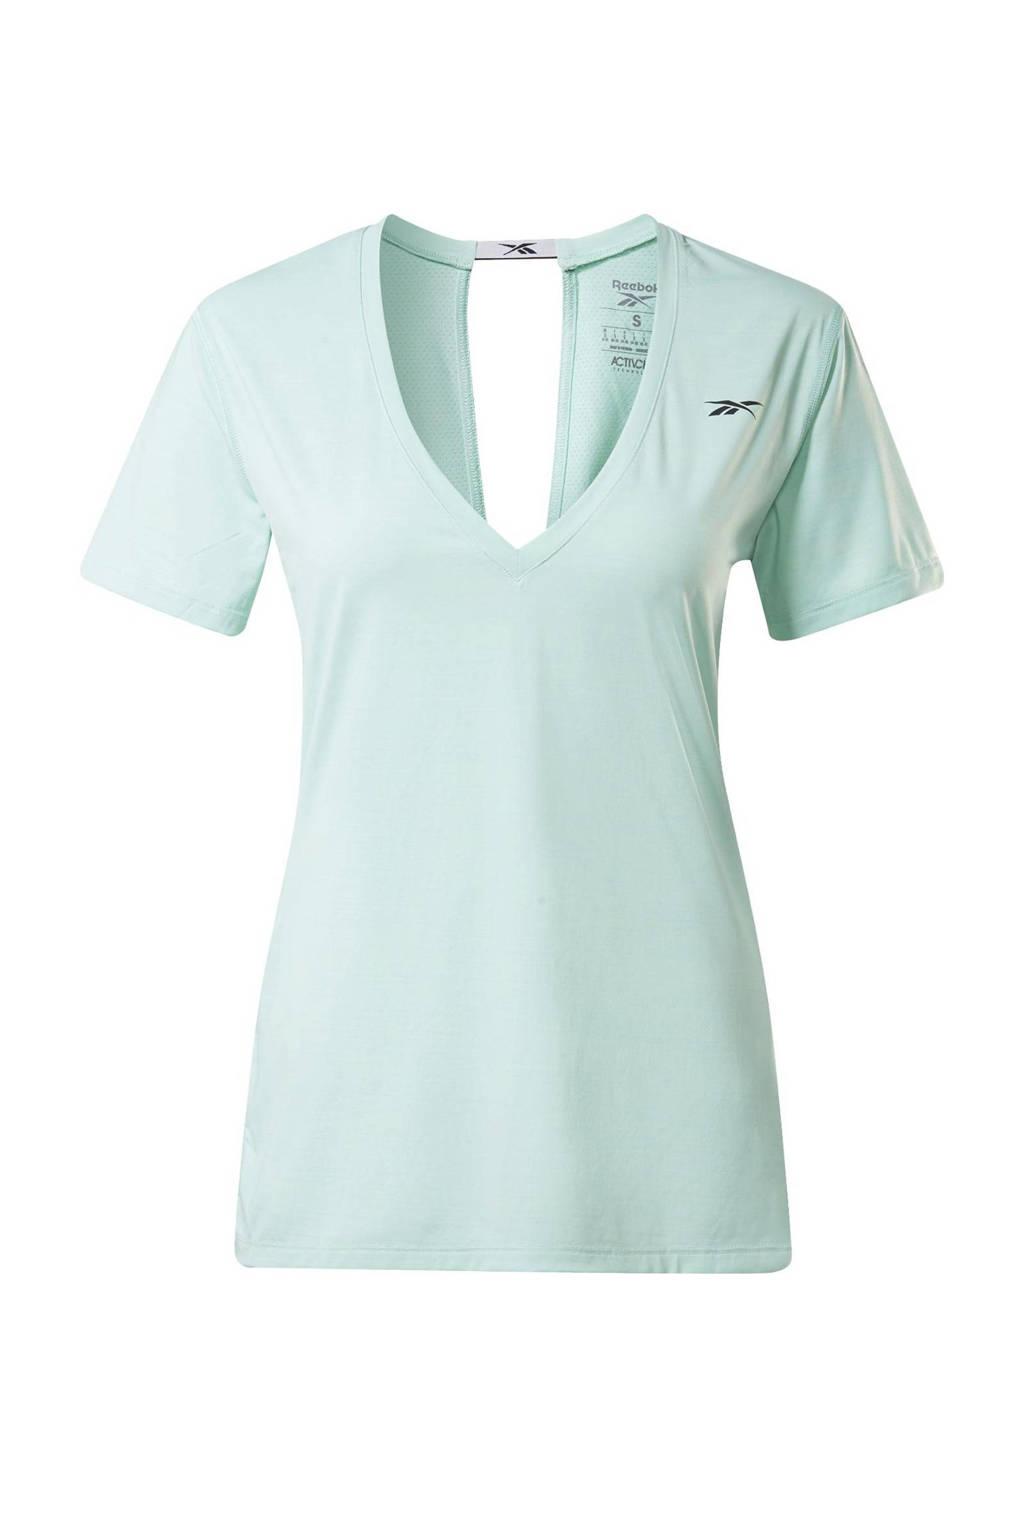 Reebok Training sport T-shirt mintgroen, Mintgroen